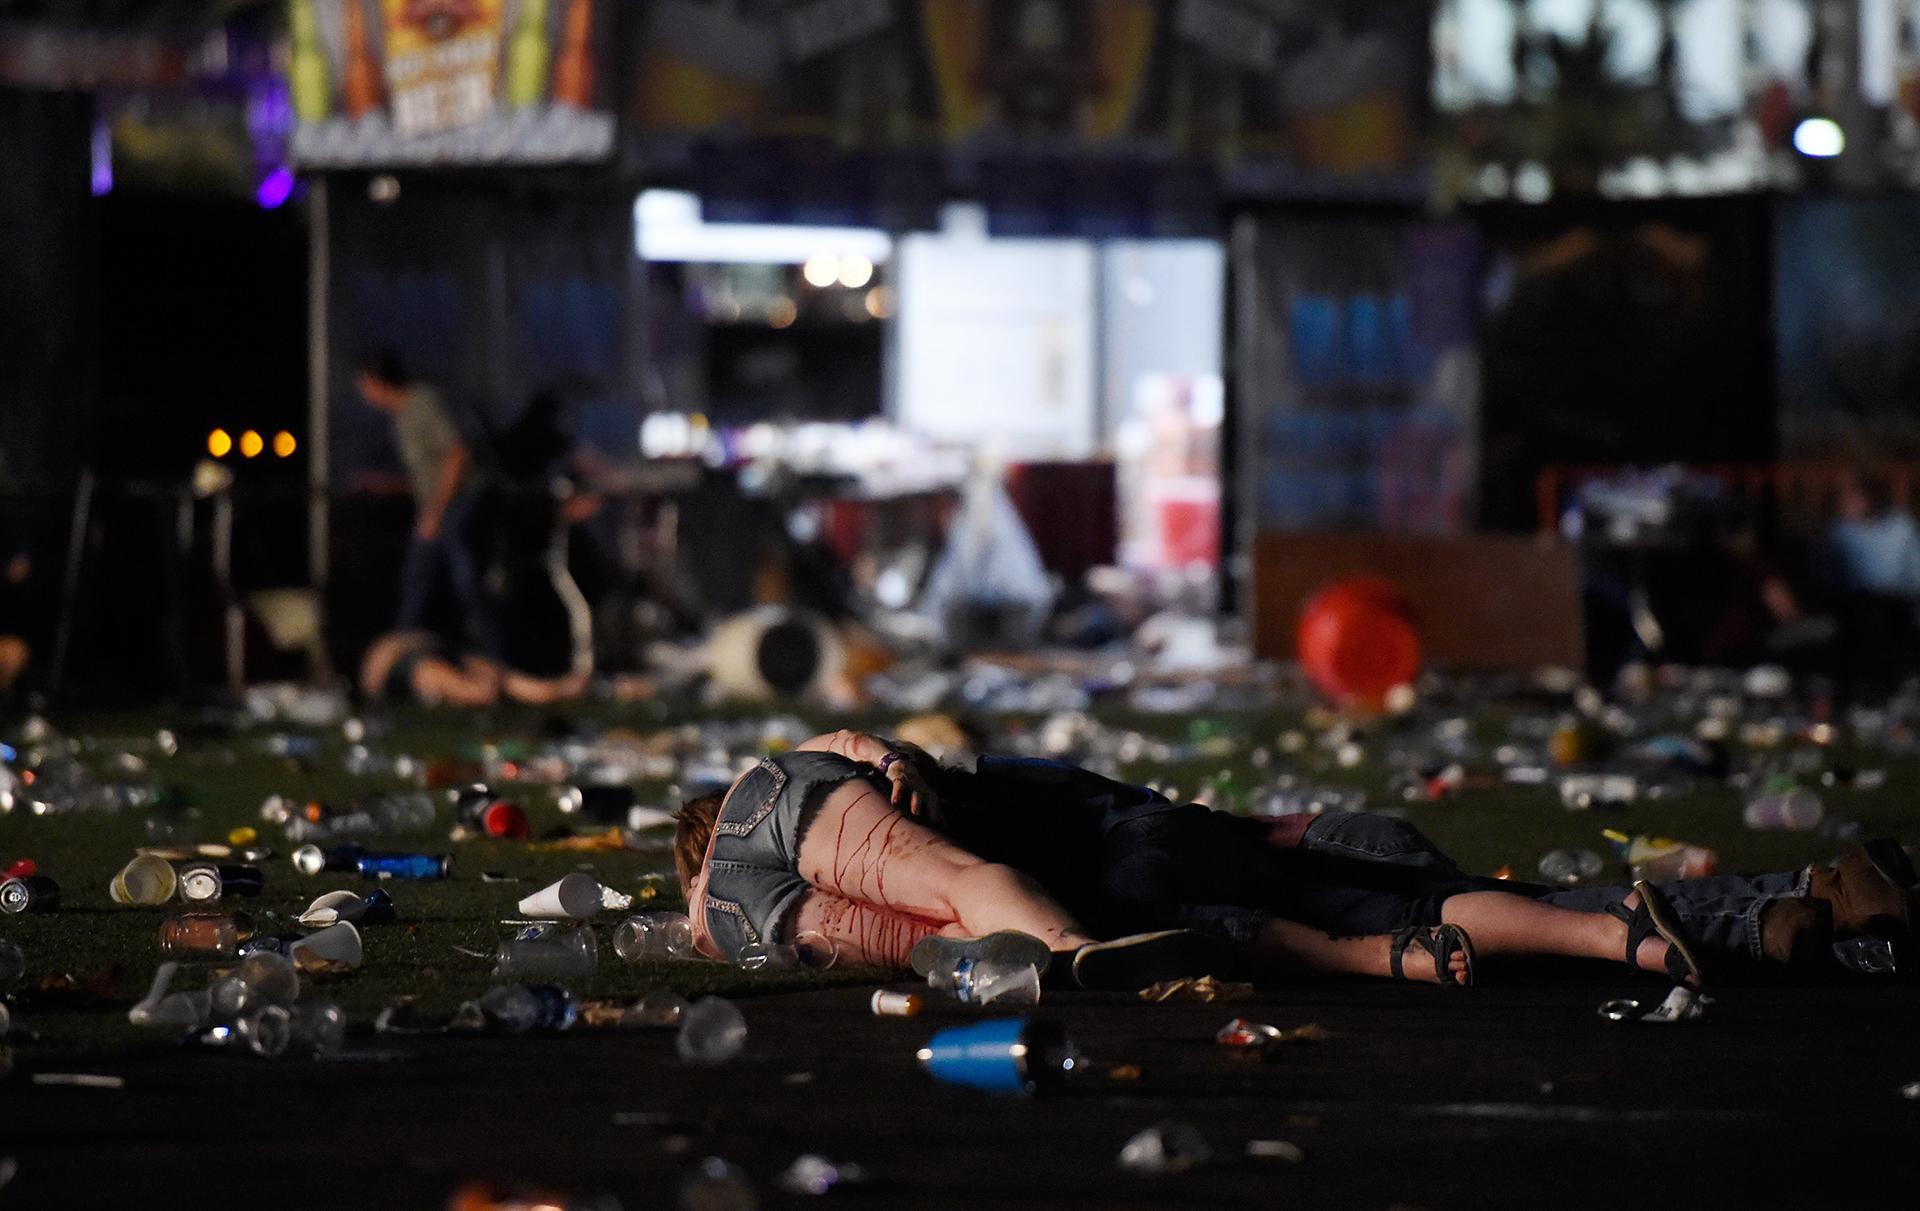 Los cuerpos de muertos y heridos quedaron entre latas, botellas y vasos de bebidas abandonados en medio delpánico general(David Becker/Getty Images/AFP)